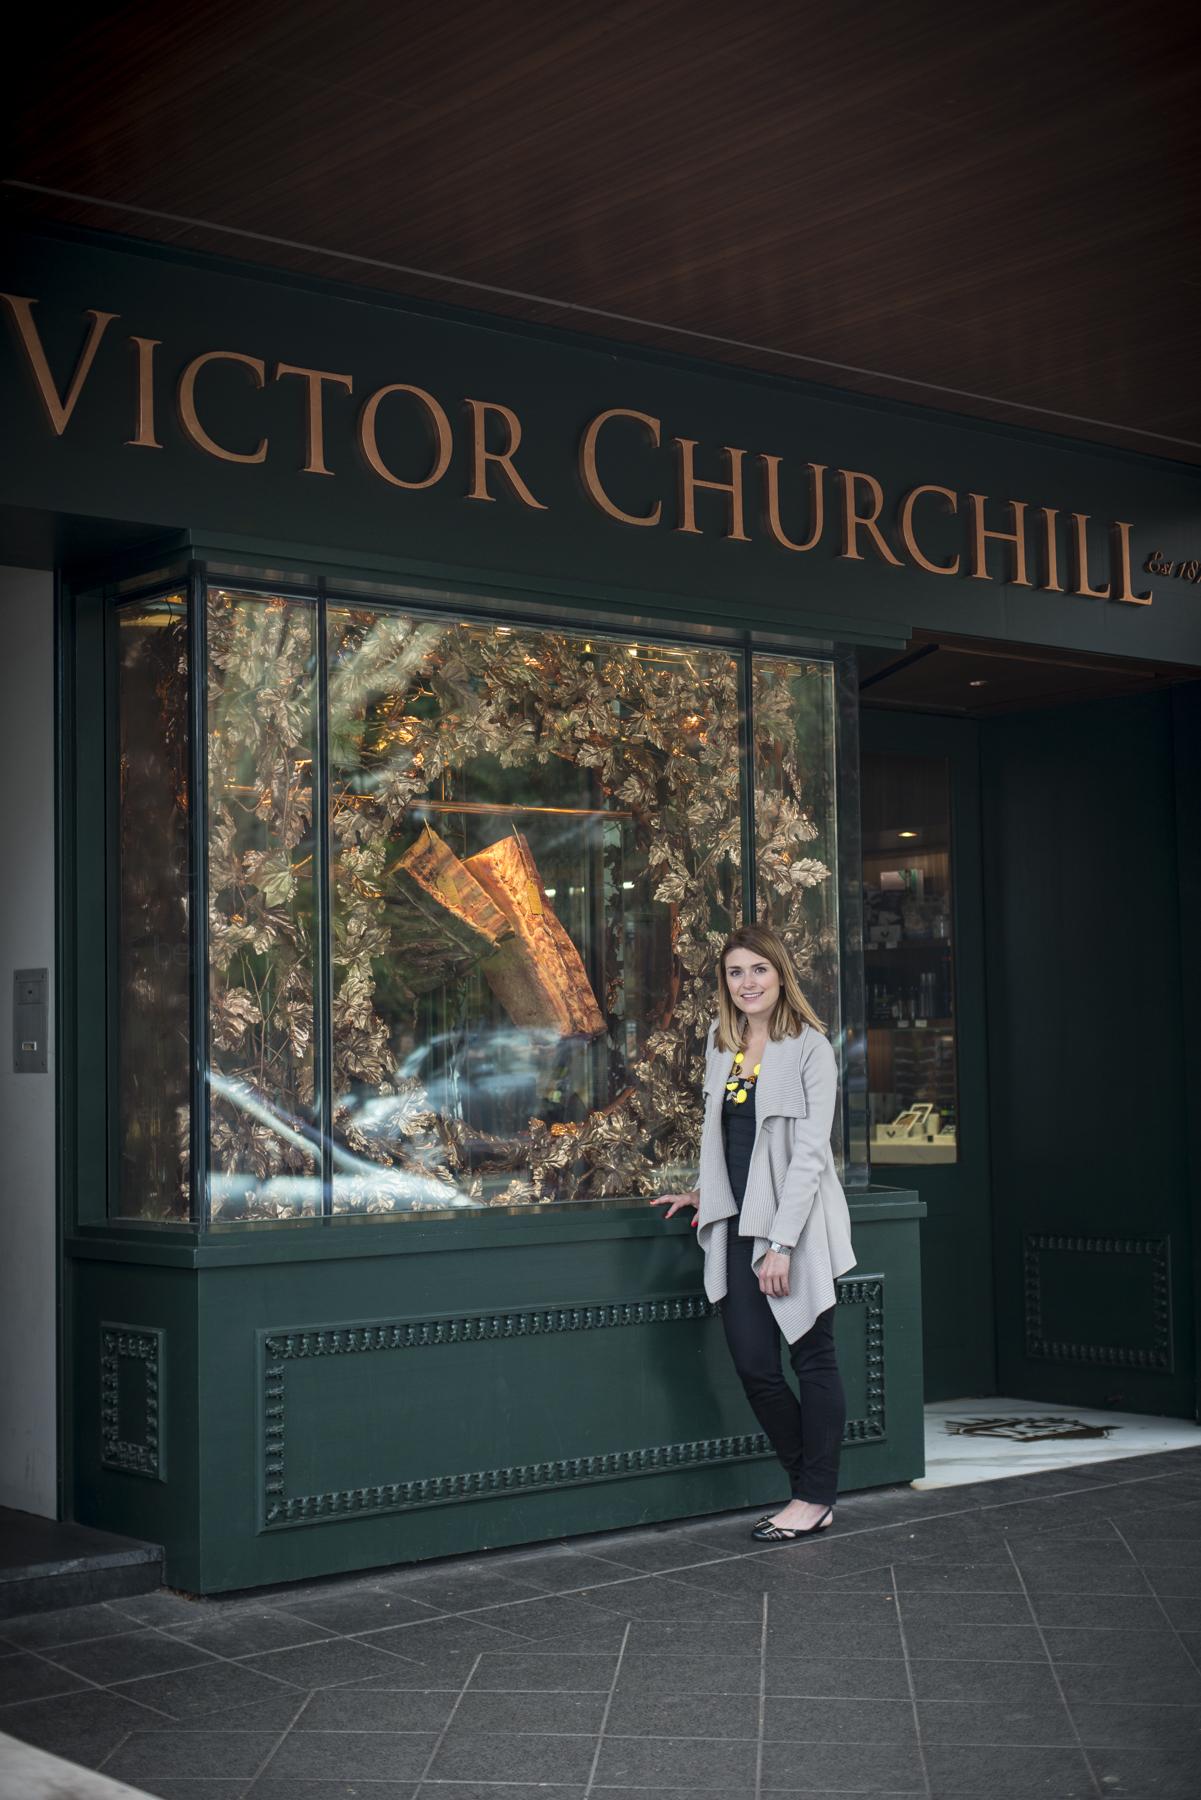 Victor Churchill The Picnic Press